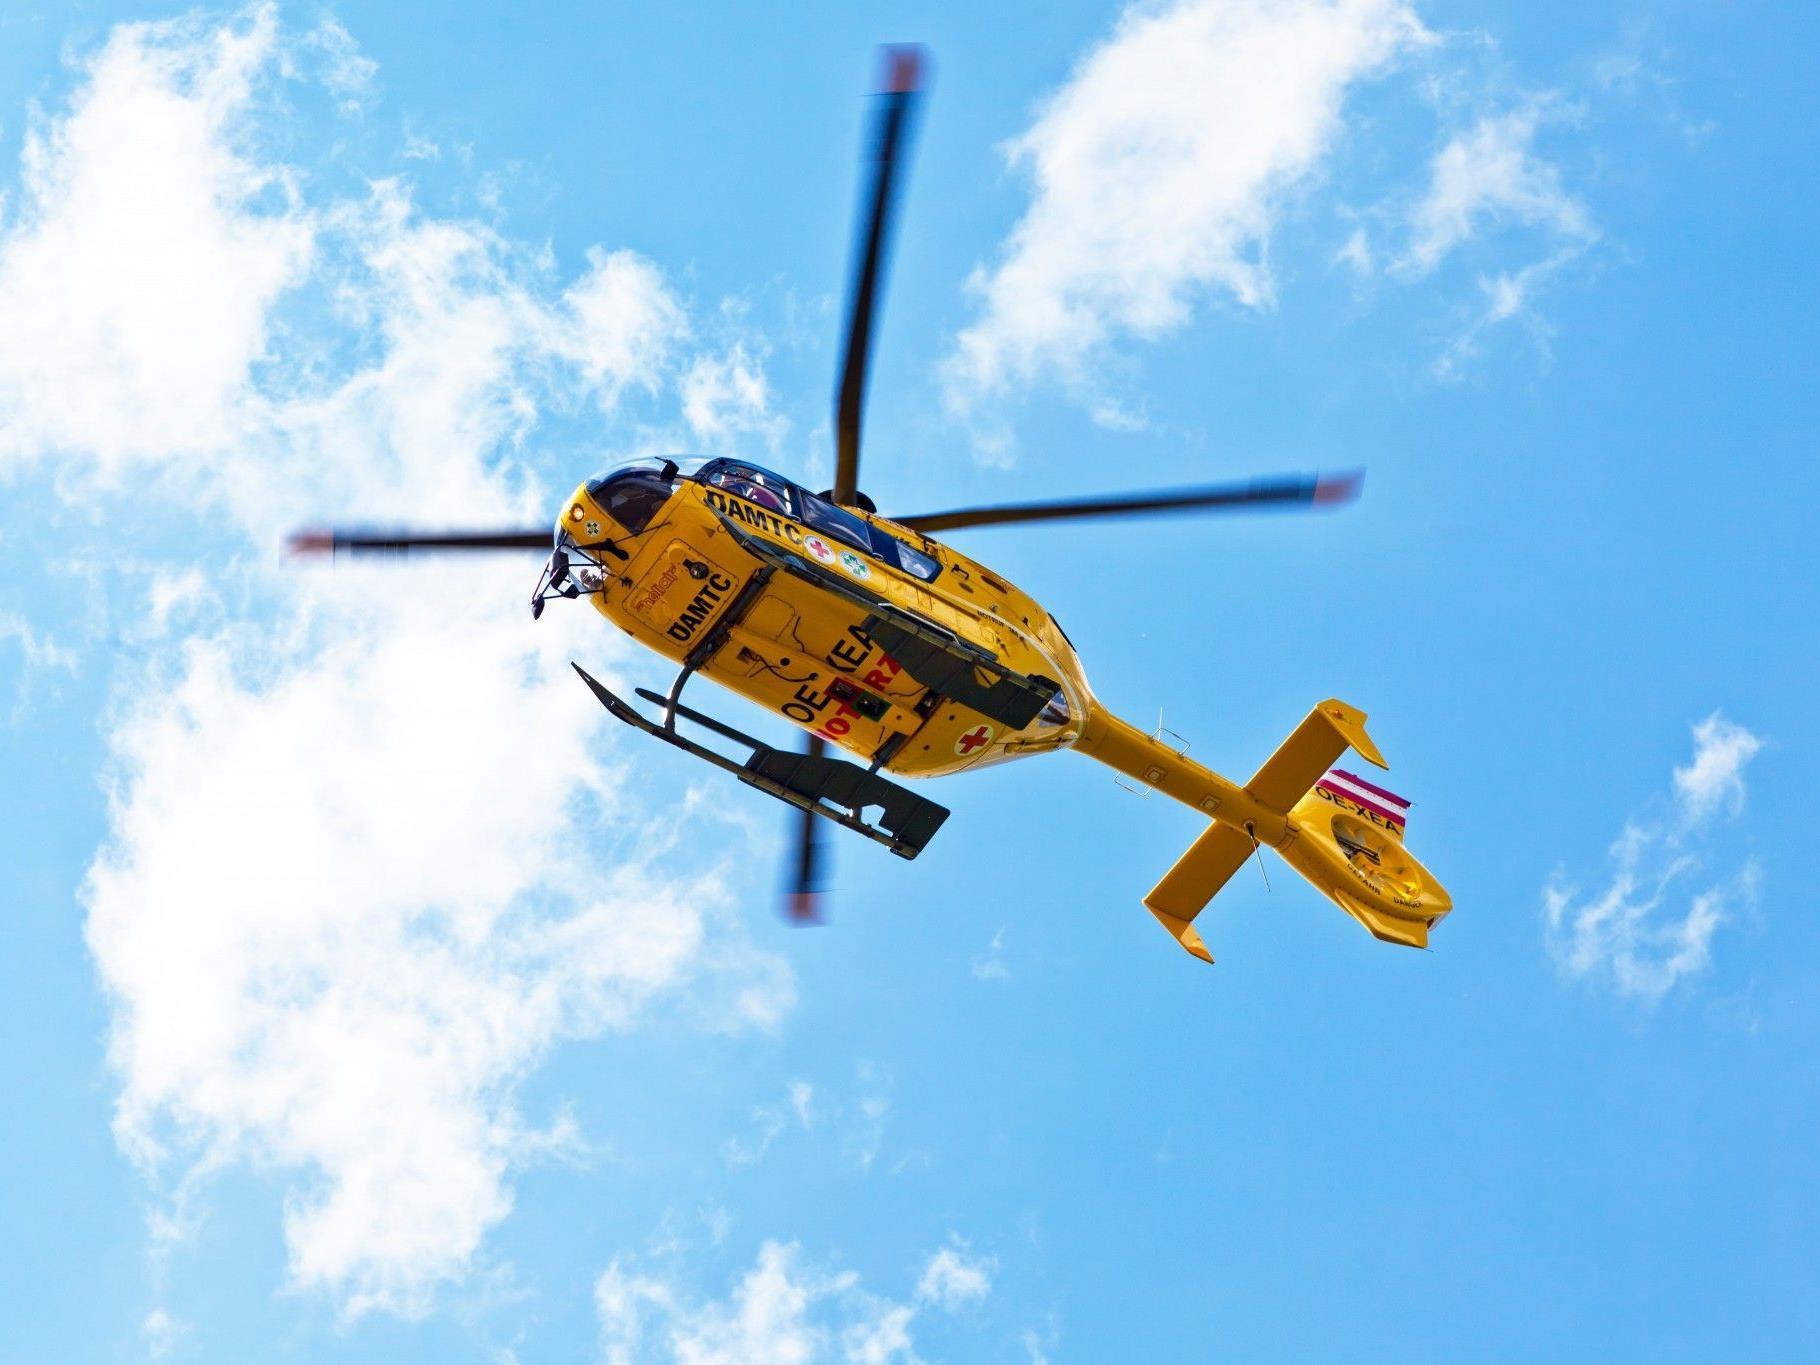 Die Schwerverletzte wurde in die Uni-Klinik Innsbruck gebracht.